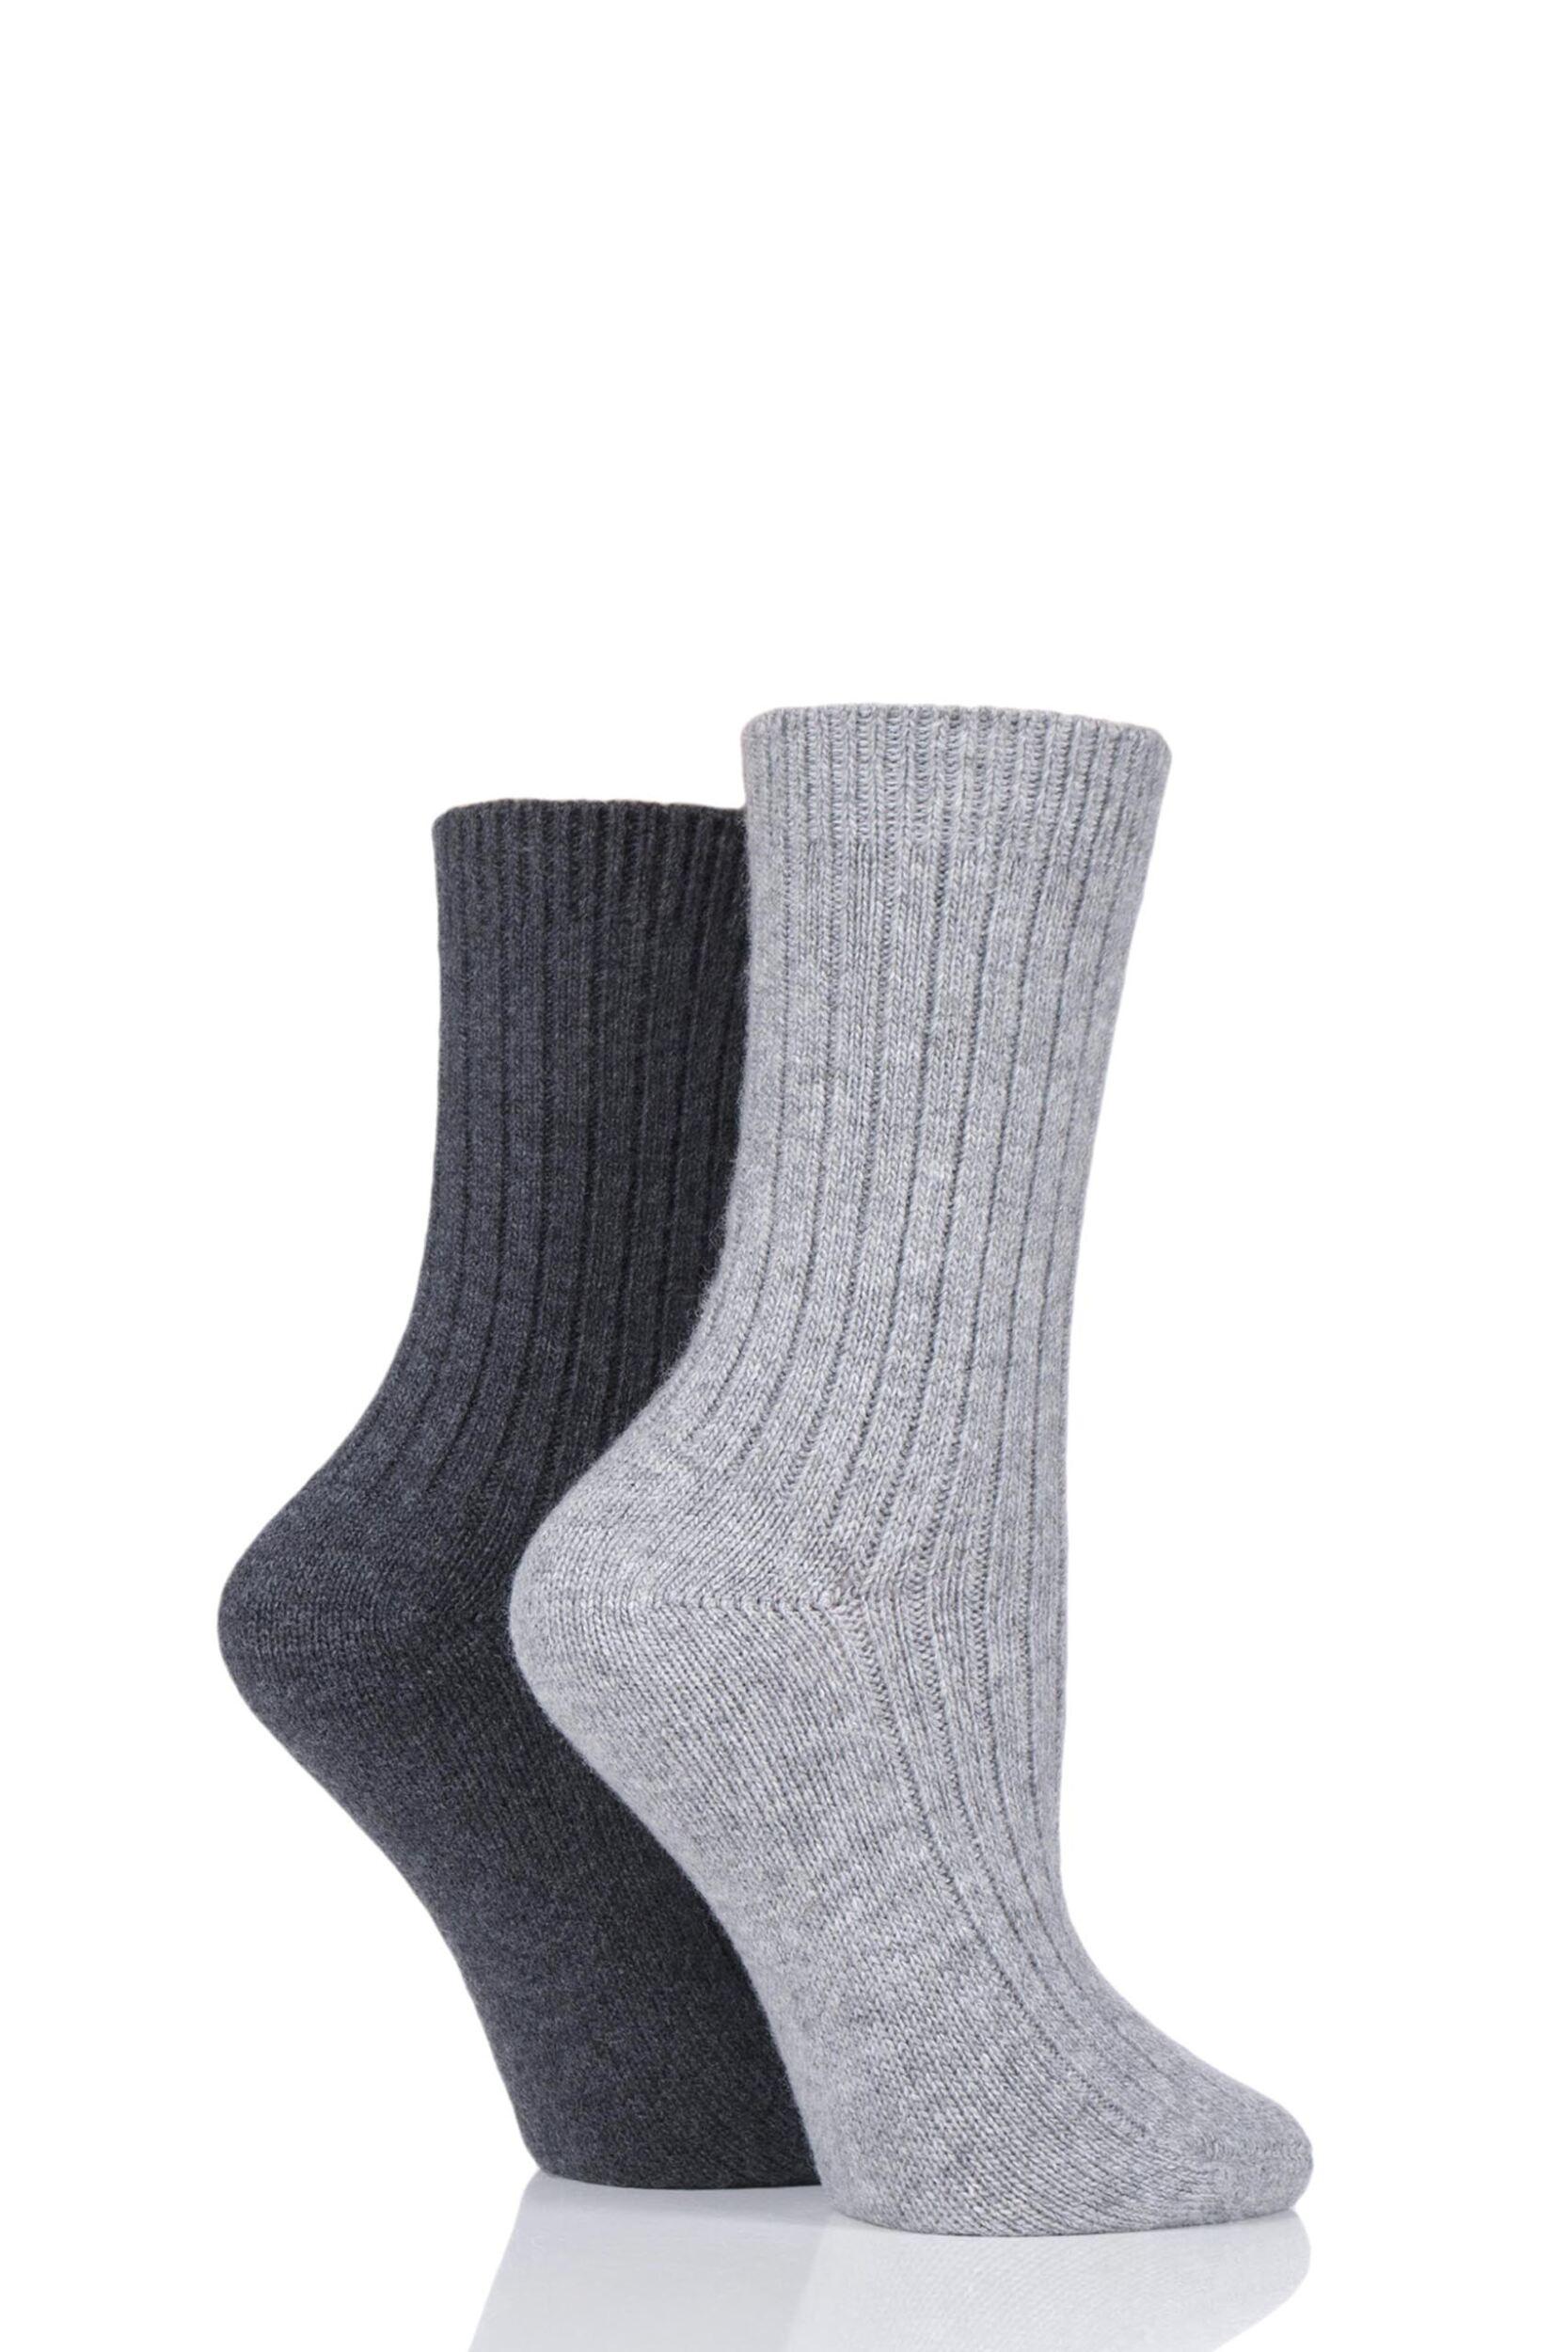 12 pairs Ladies SockShop Cotton Gentle Grip 4-8 uk Socks see variations